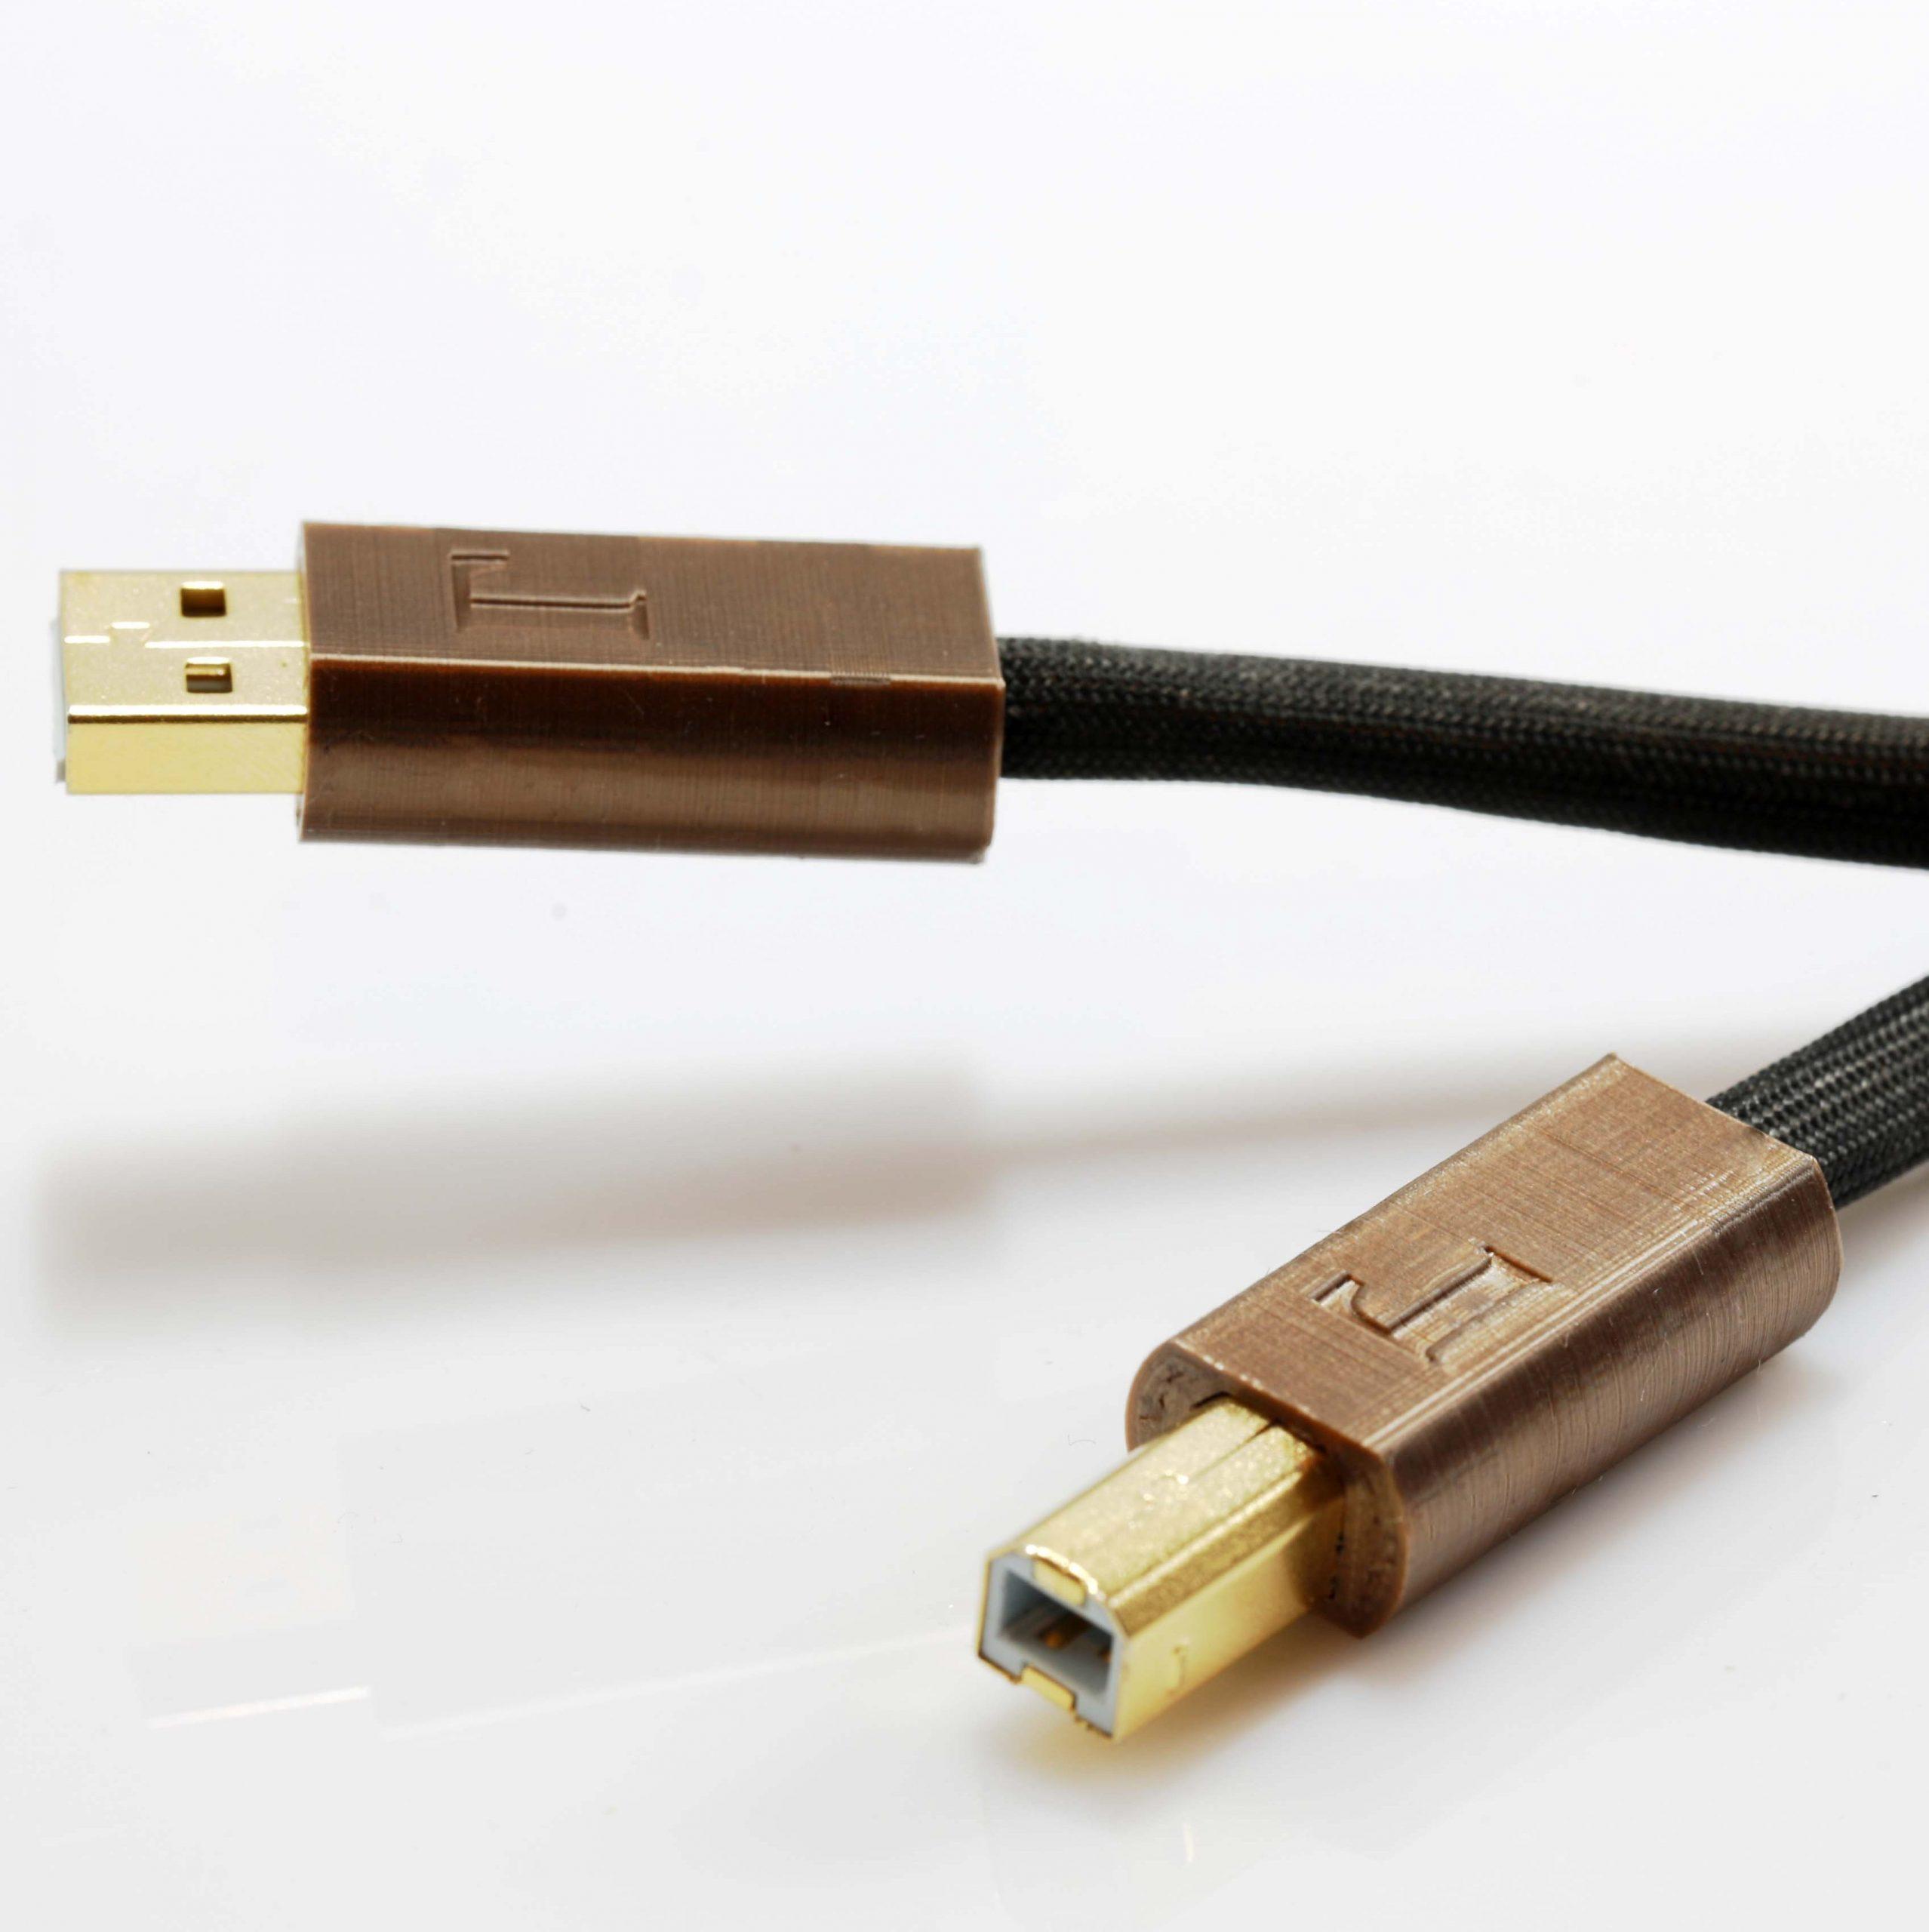 Gamma Numérique USB Digital Odeion Cables (détail)